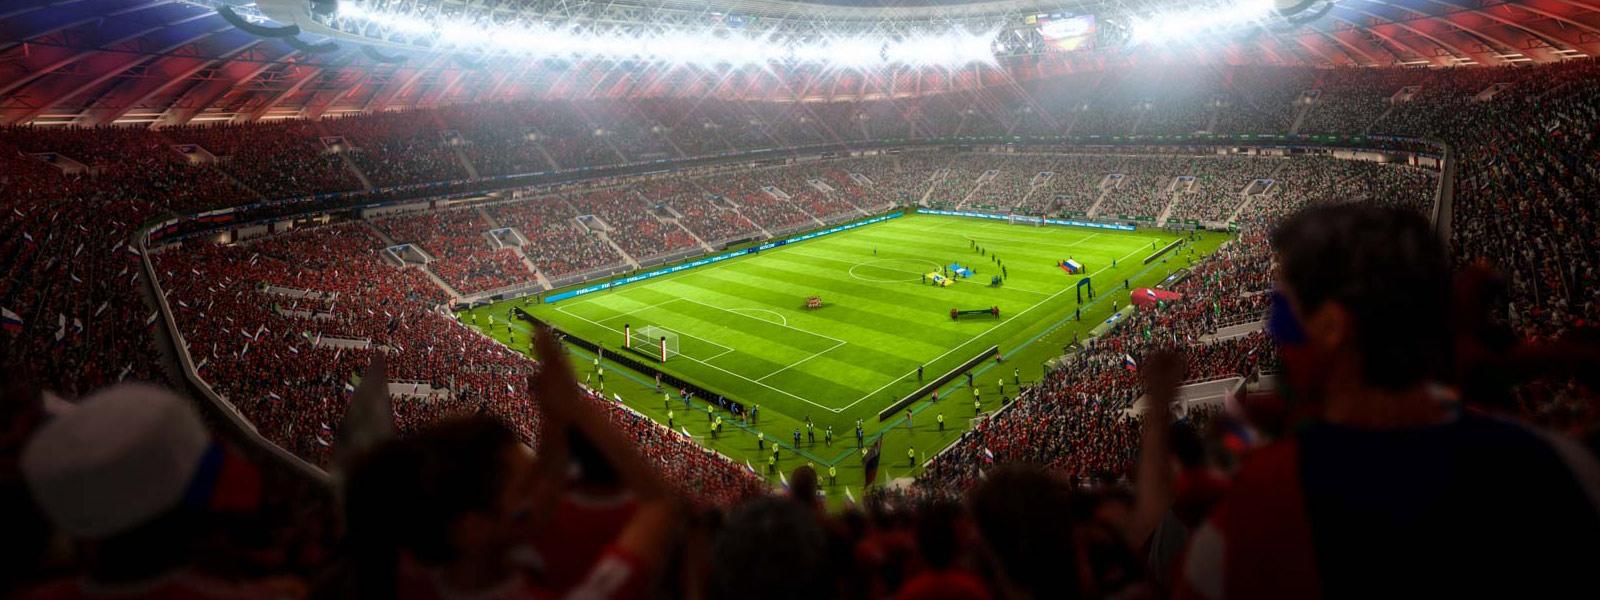 Vista de uma torcida lotada no estádio Luzhniki